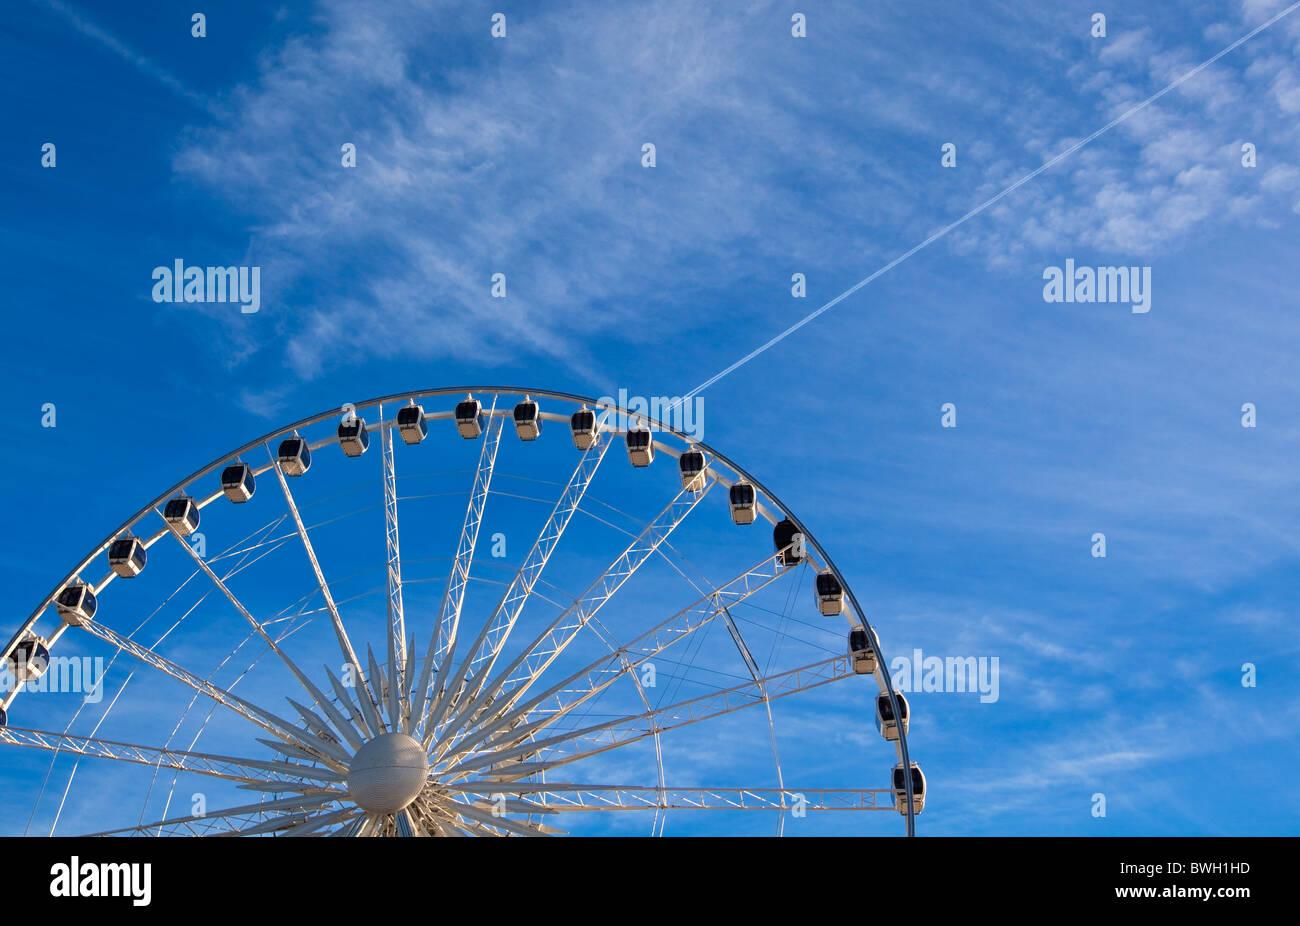 Grande roue de Ferris sur fond de ciel bleu photo horizontale. Photo Stock